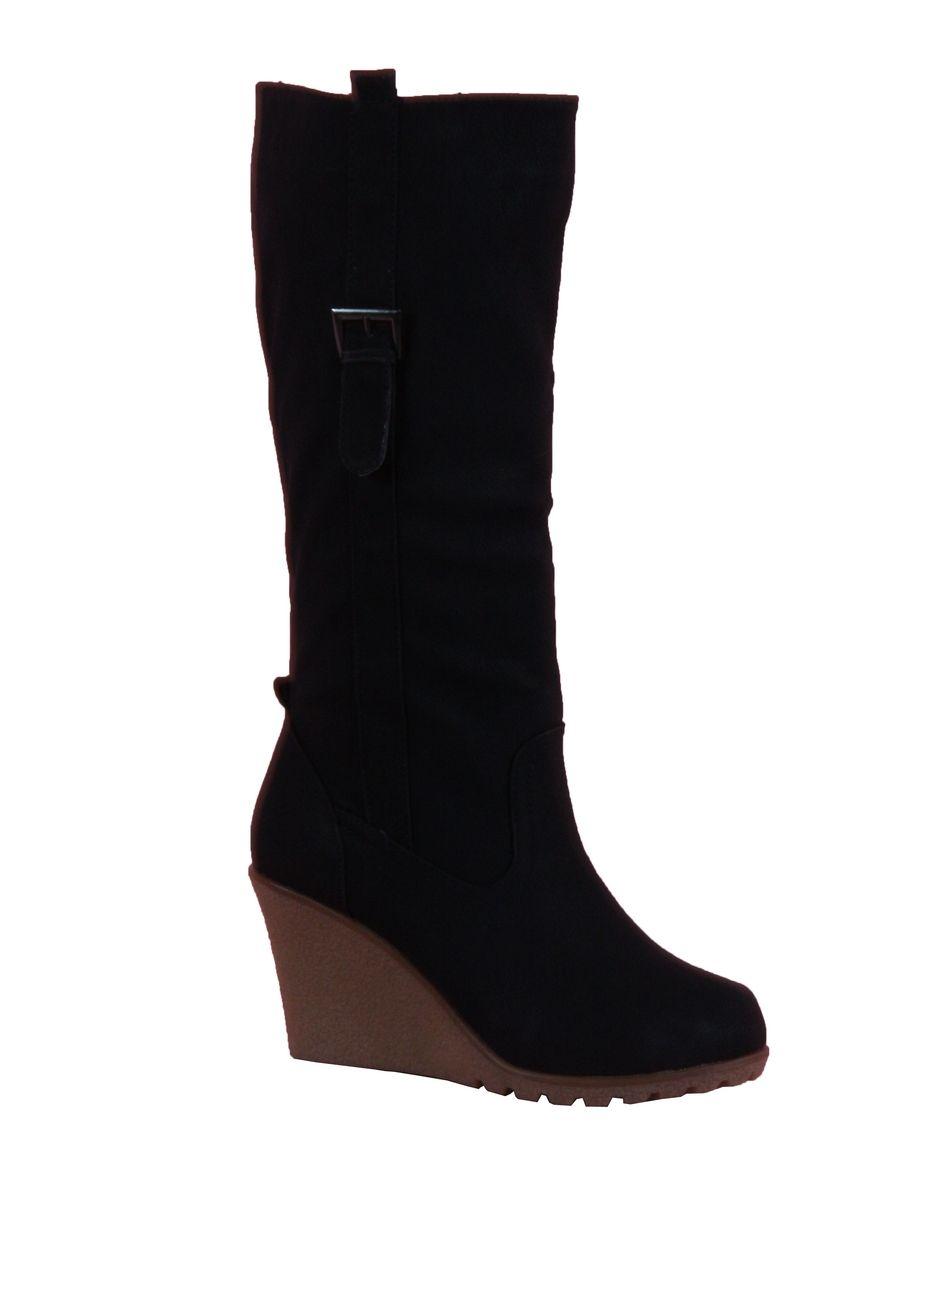 1fa960e146478 Chaussure Femme Pas Cher Botte Compensée Fourrée Noire Cy009